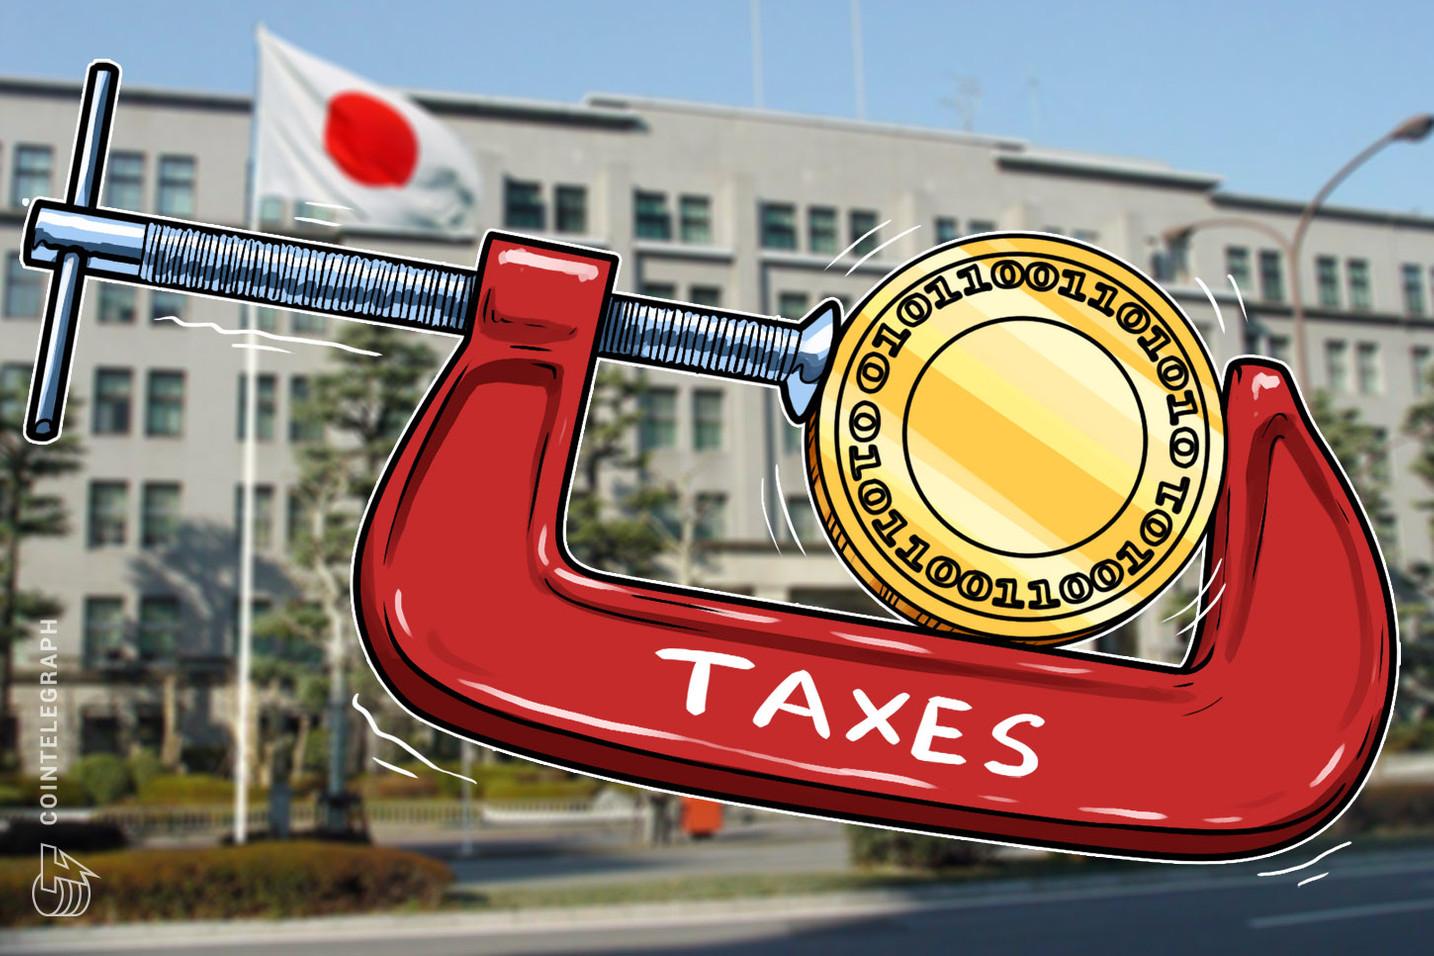 Ministro das Finanças do Japão quer mudar a taxação da criptomoeda e duvida da aceitação pública